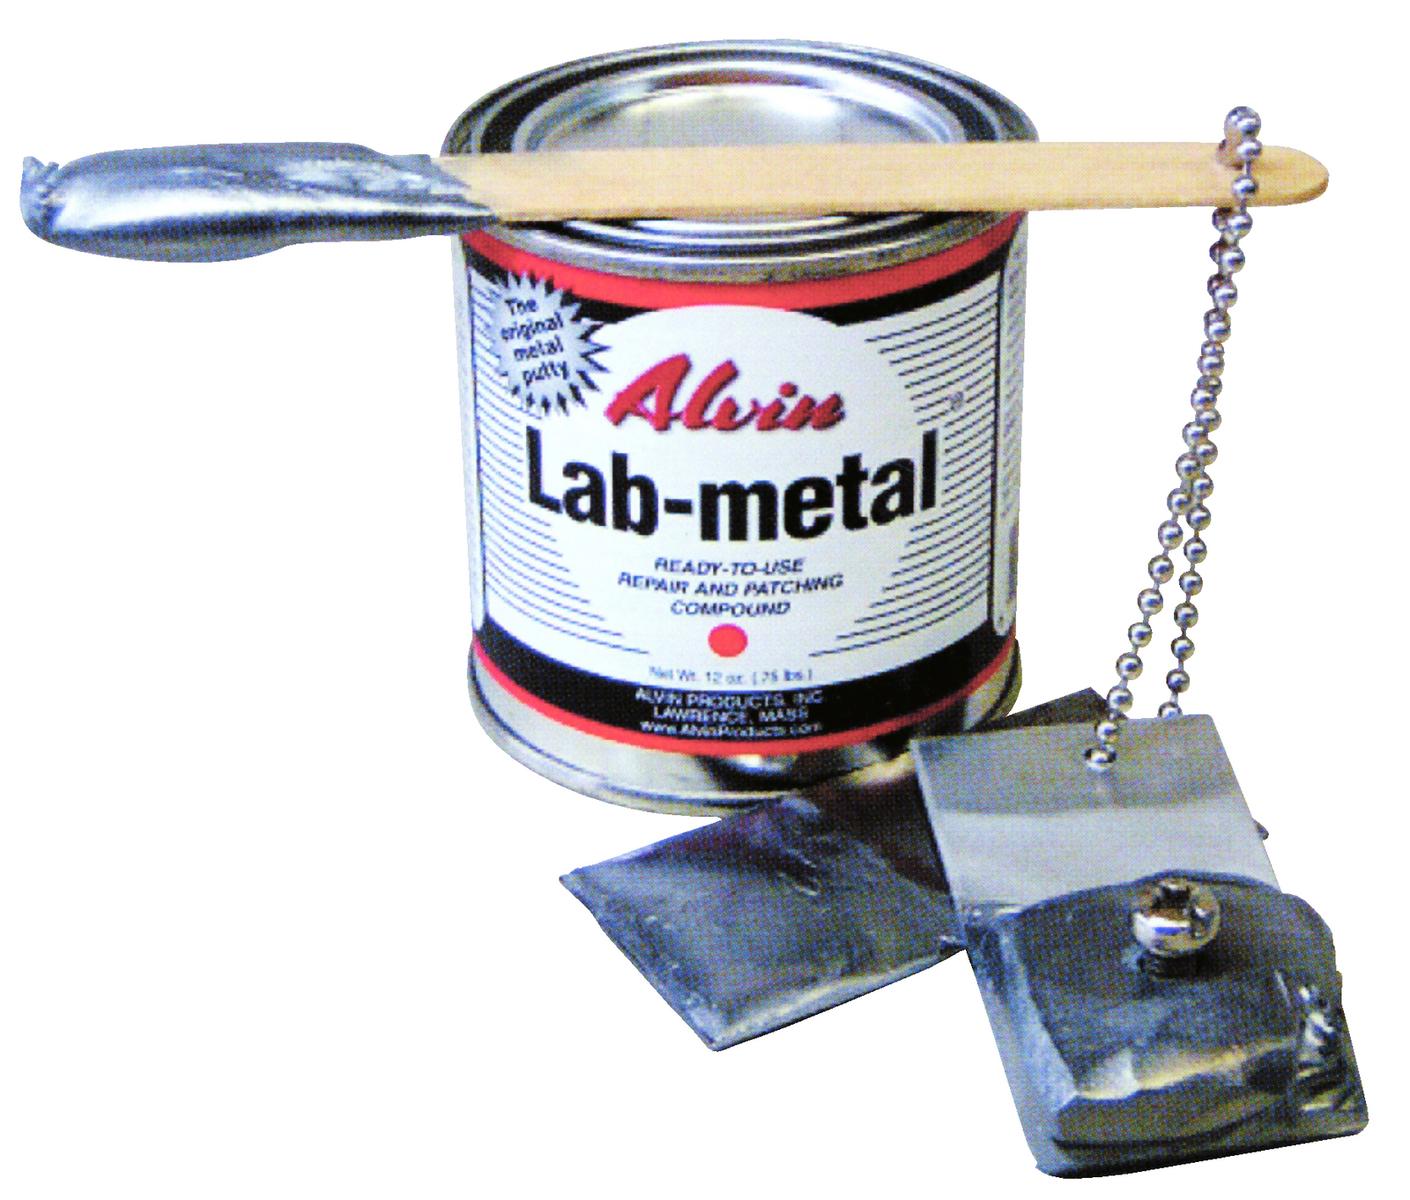 固まると金属そのもの アルミニウム 鉄 SUS等の金属 および木材 樹脂 日本メーカー新品 ガラス等に優れた接着性があります ユニテック ラブメタル 標準タイプ ディスカウント R 一液型協力金属補修材 溶接部 吹き付け可能 アルミ主成分 ボイラー 吹付 形成 340g 車両 金型